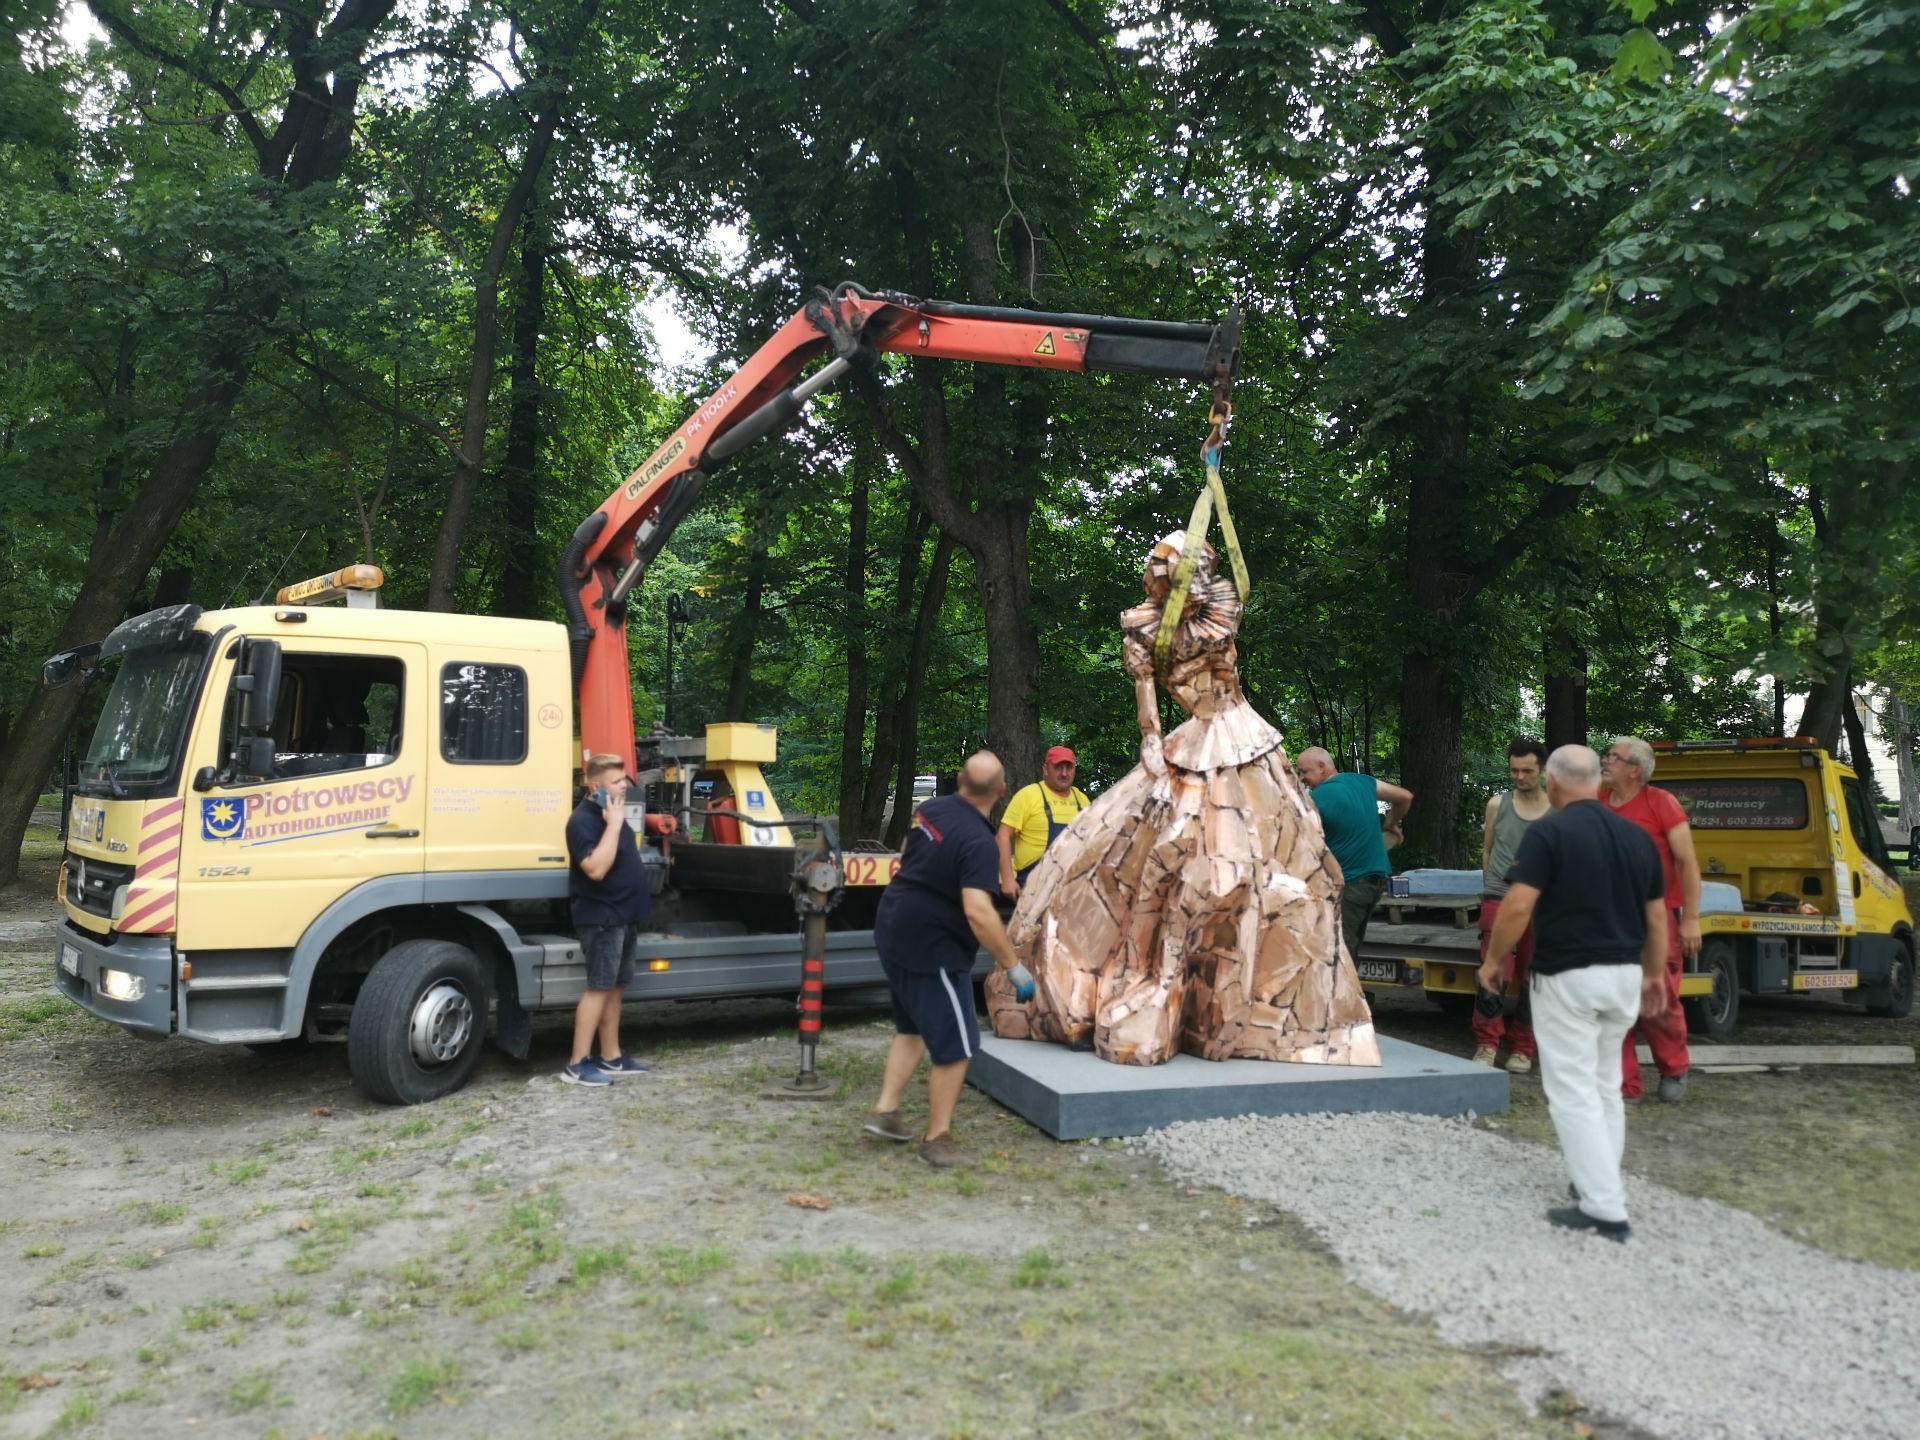 Pomnik postawiony jest już na cokole. Zamocowana jest nad nim specjalna uprząż do dźwigu stojącego za rzeźbą otoczoną przez grupę mężczyzn.